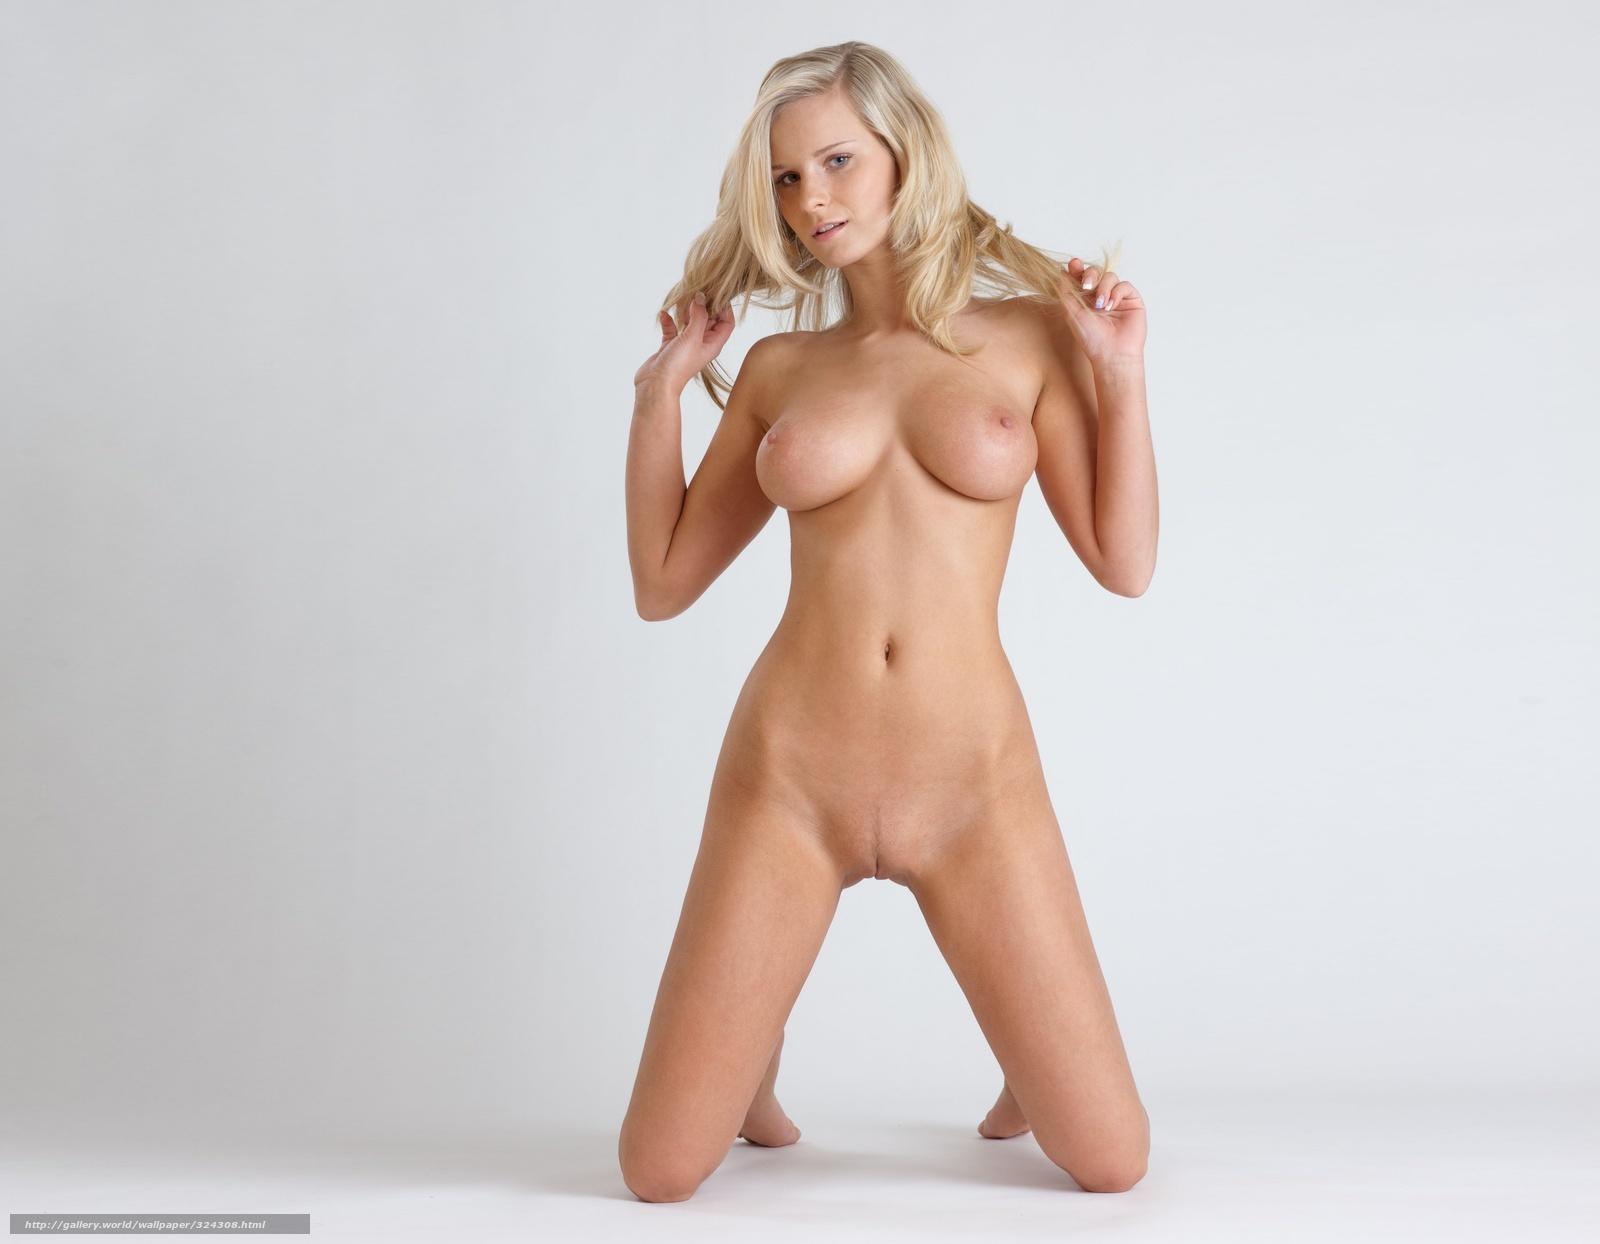 Супер фигуристые телки порно 22 фотография